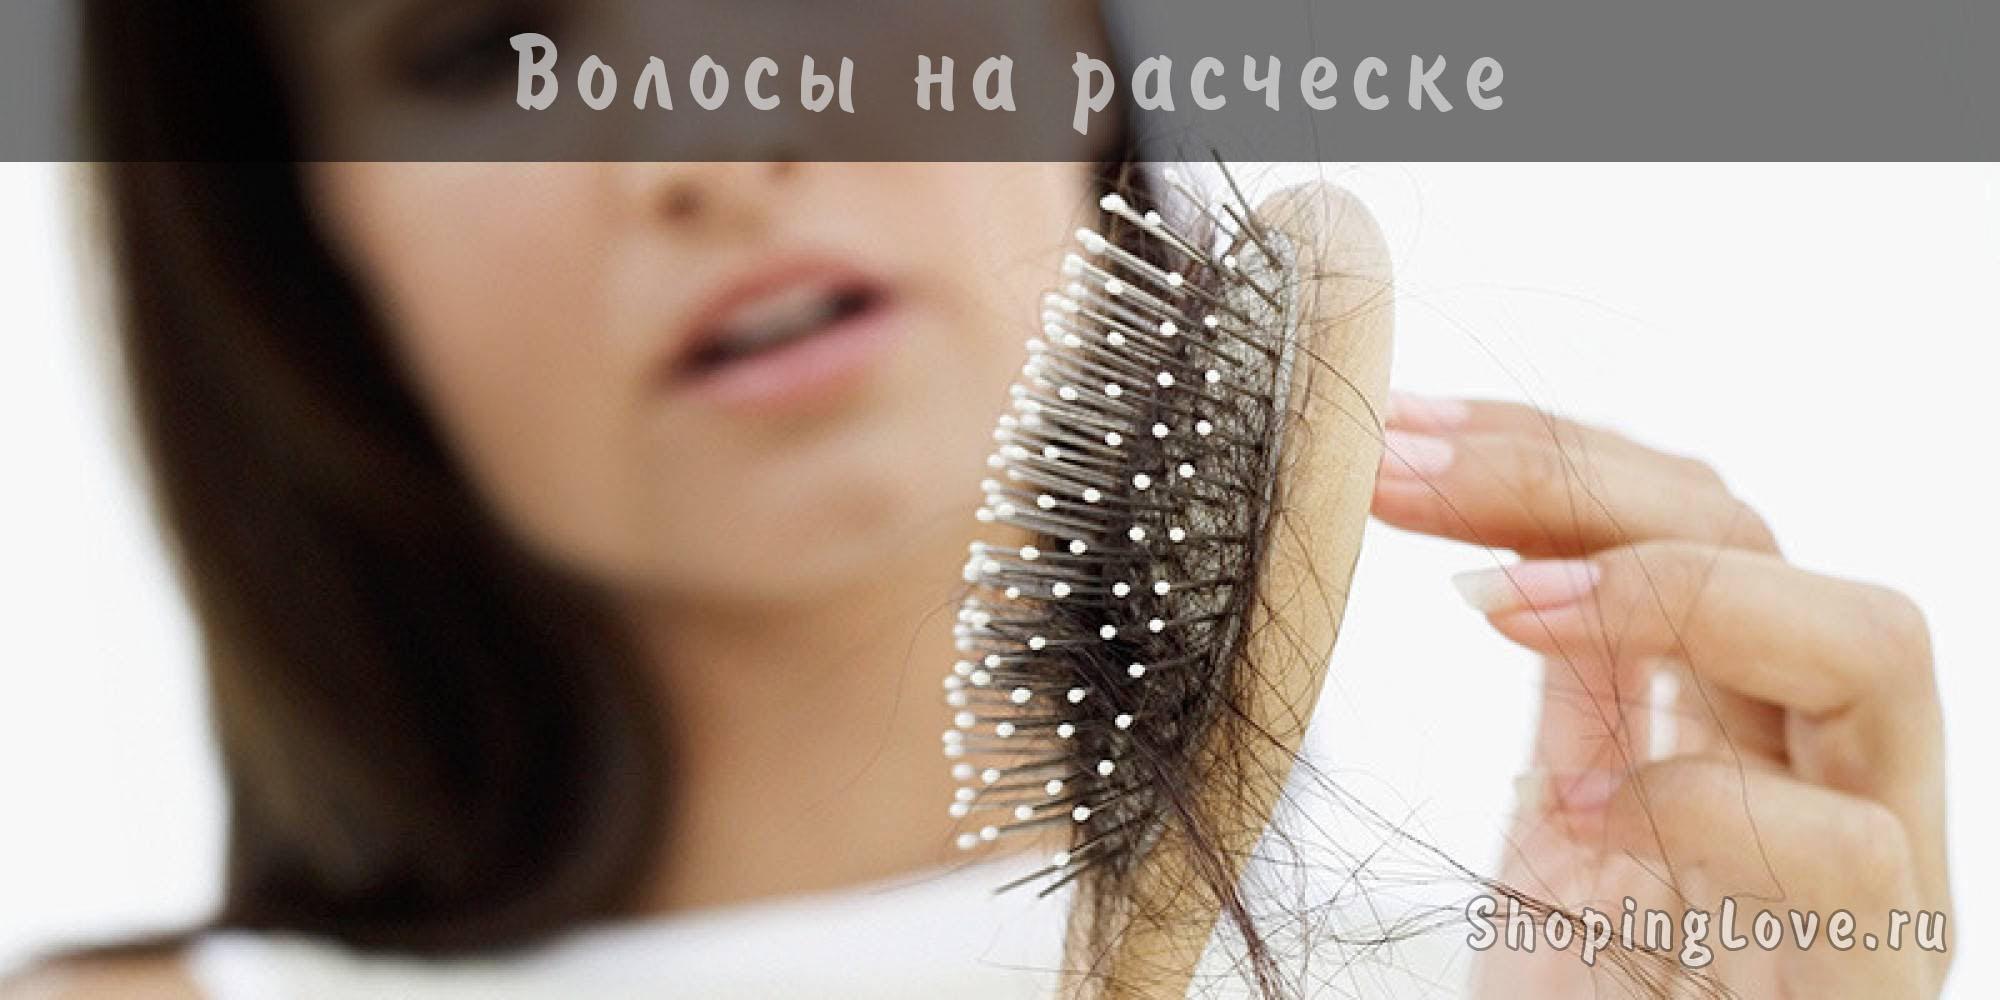 Как правильно расчесывать волосы. Виды расчесок для волос. Гигиена